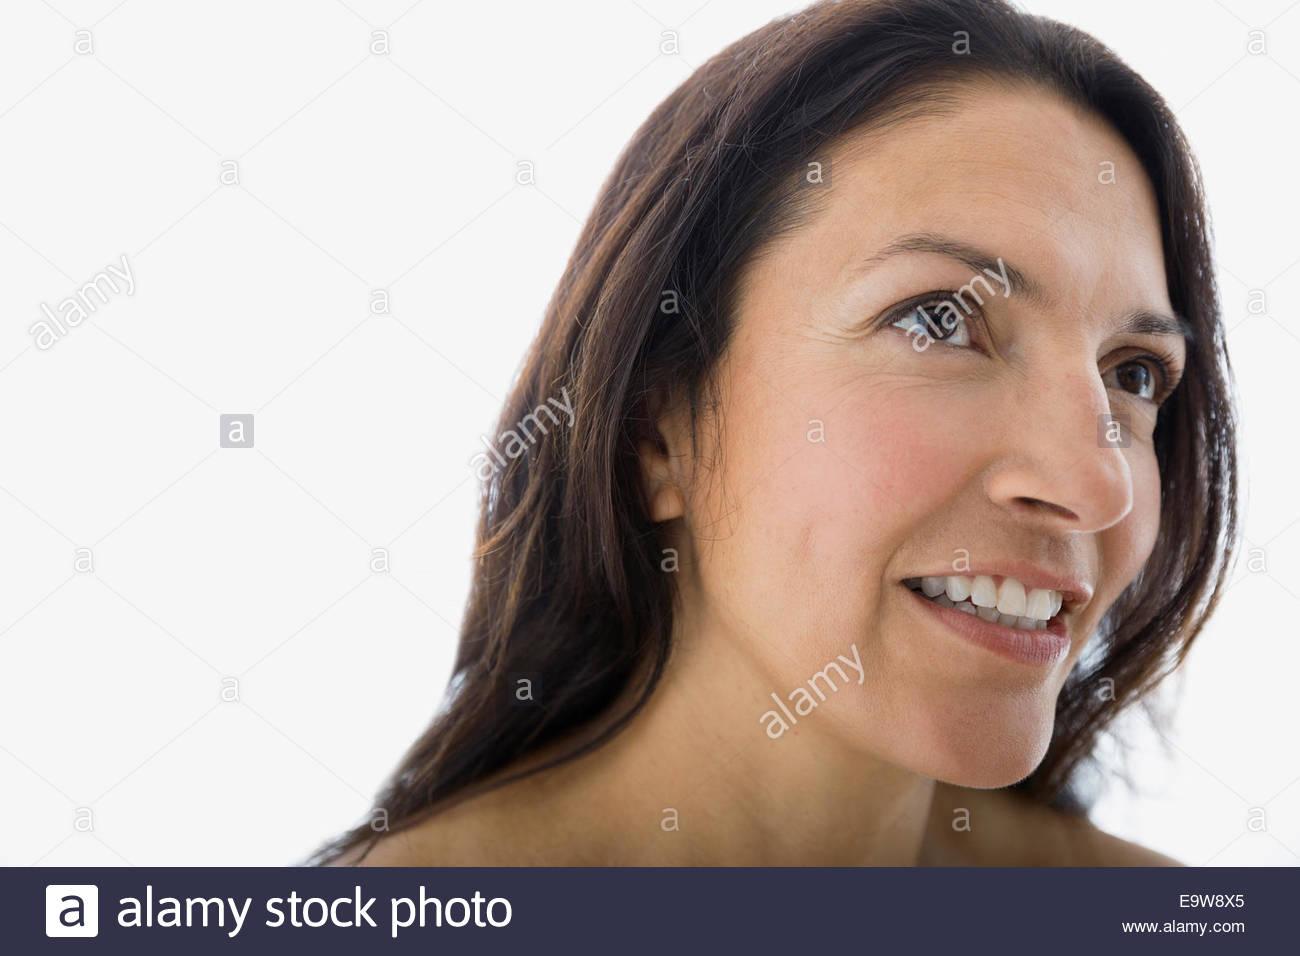 Close up portrait of smiling brunette woman Banque D'Images